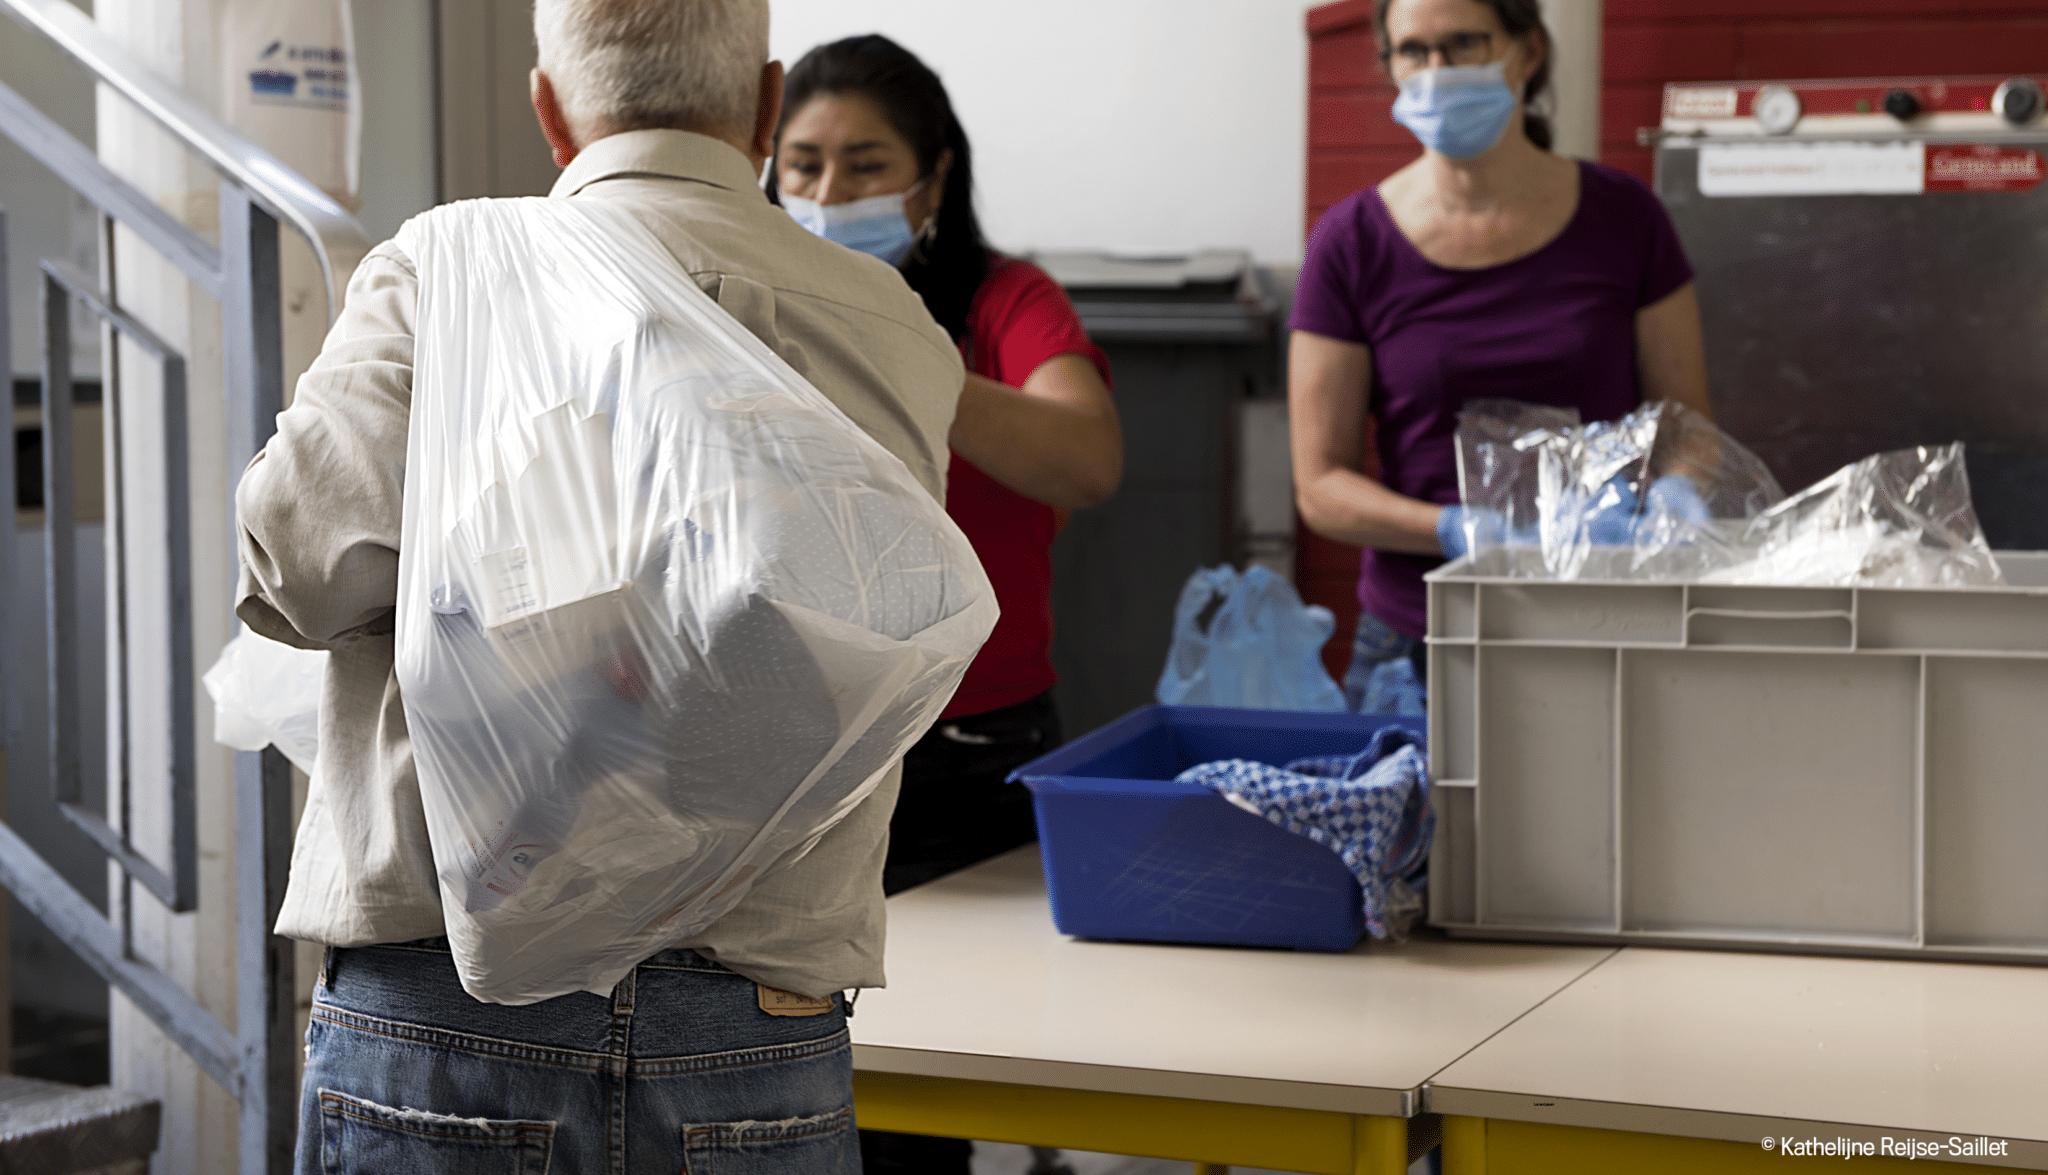 Coronavirus: What your donations do